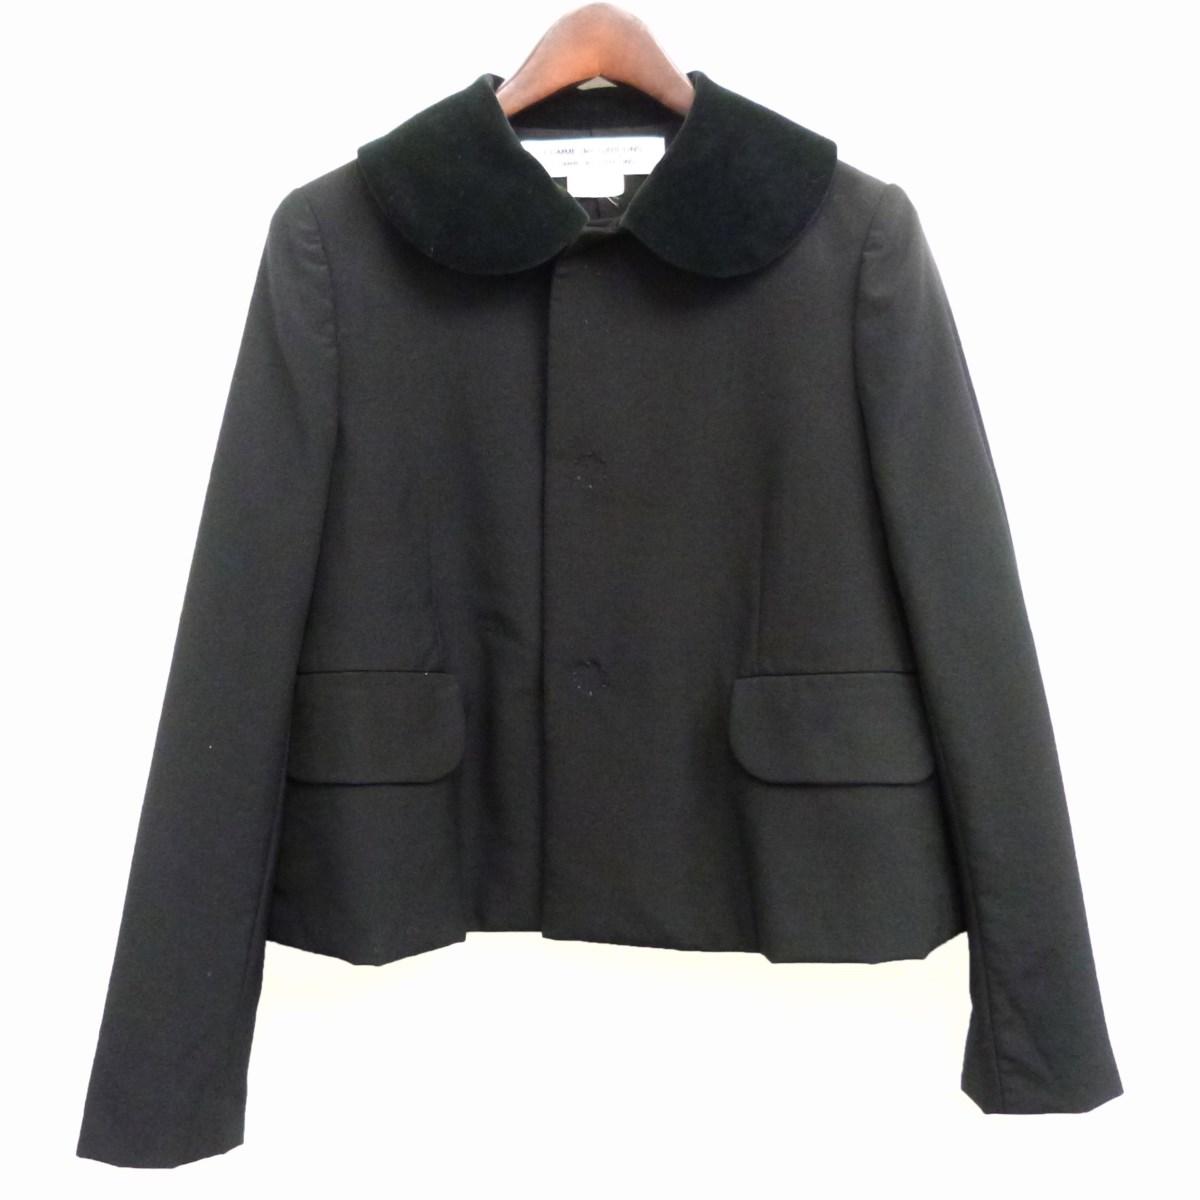 【中古】COMME des GARCONS COMME des GARCONS 17SS丸襟ジャケット ブラック サイズ:S 【010320】(コムデギャルソンコムデギャルソン)